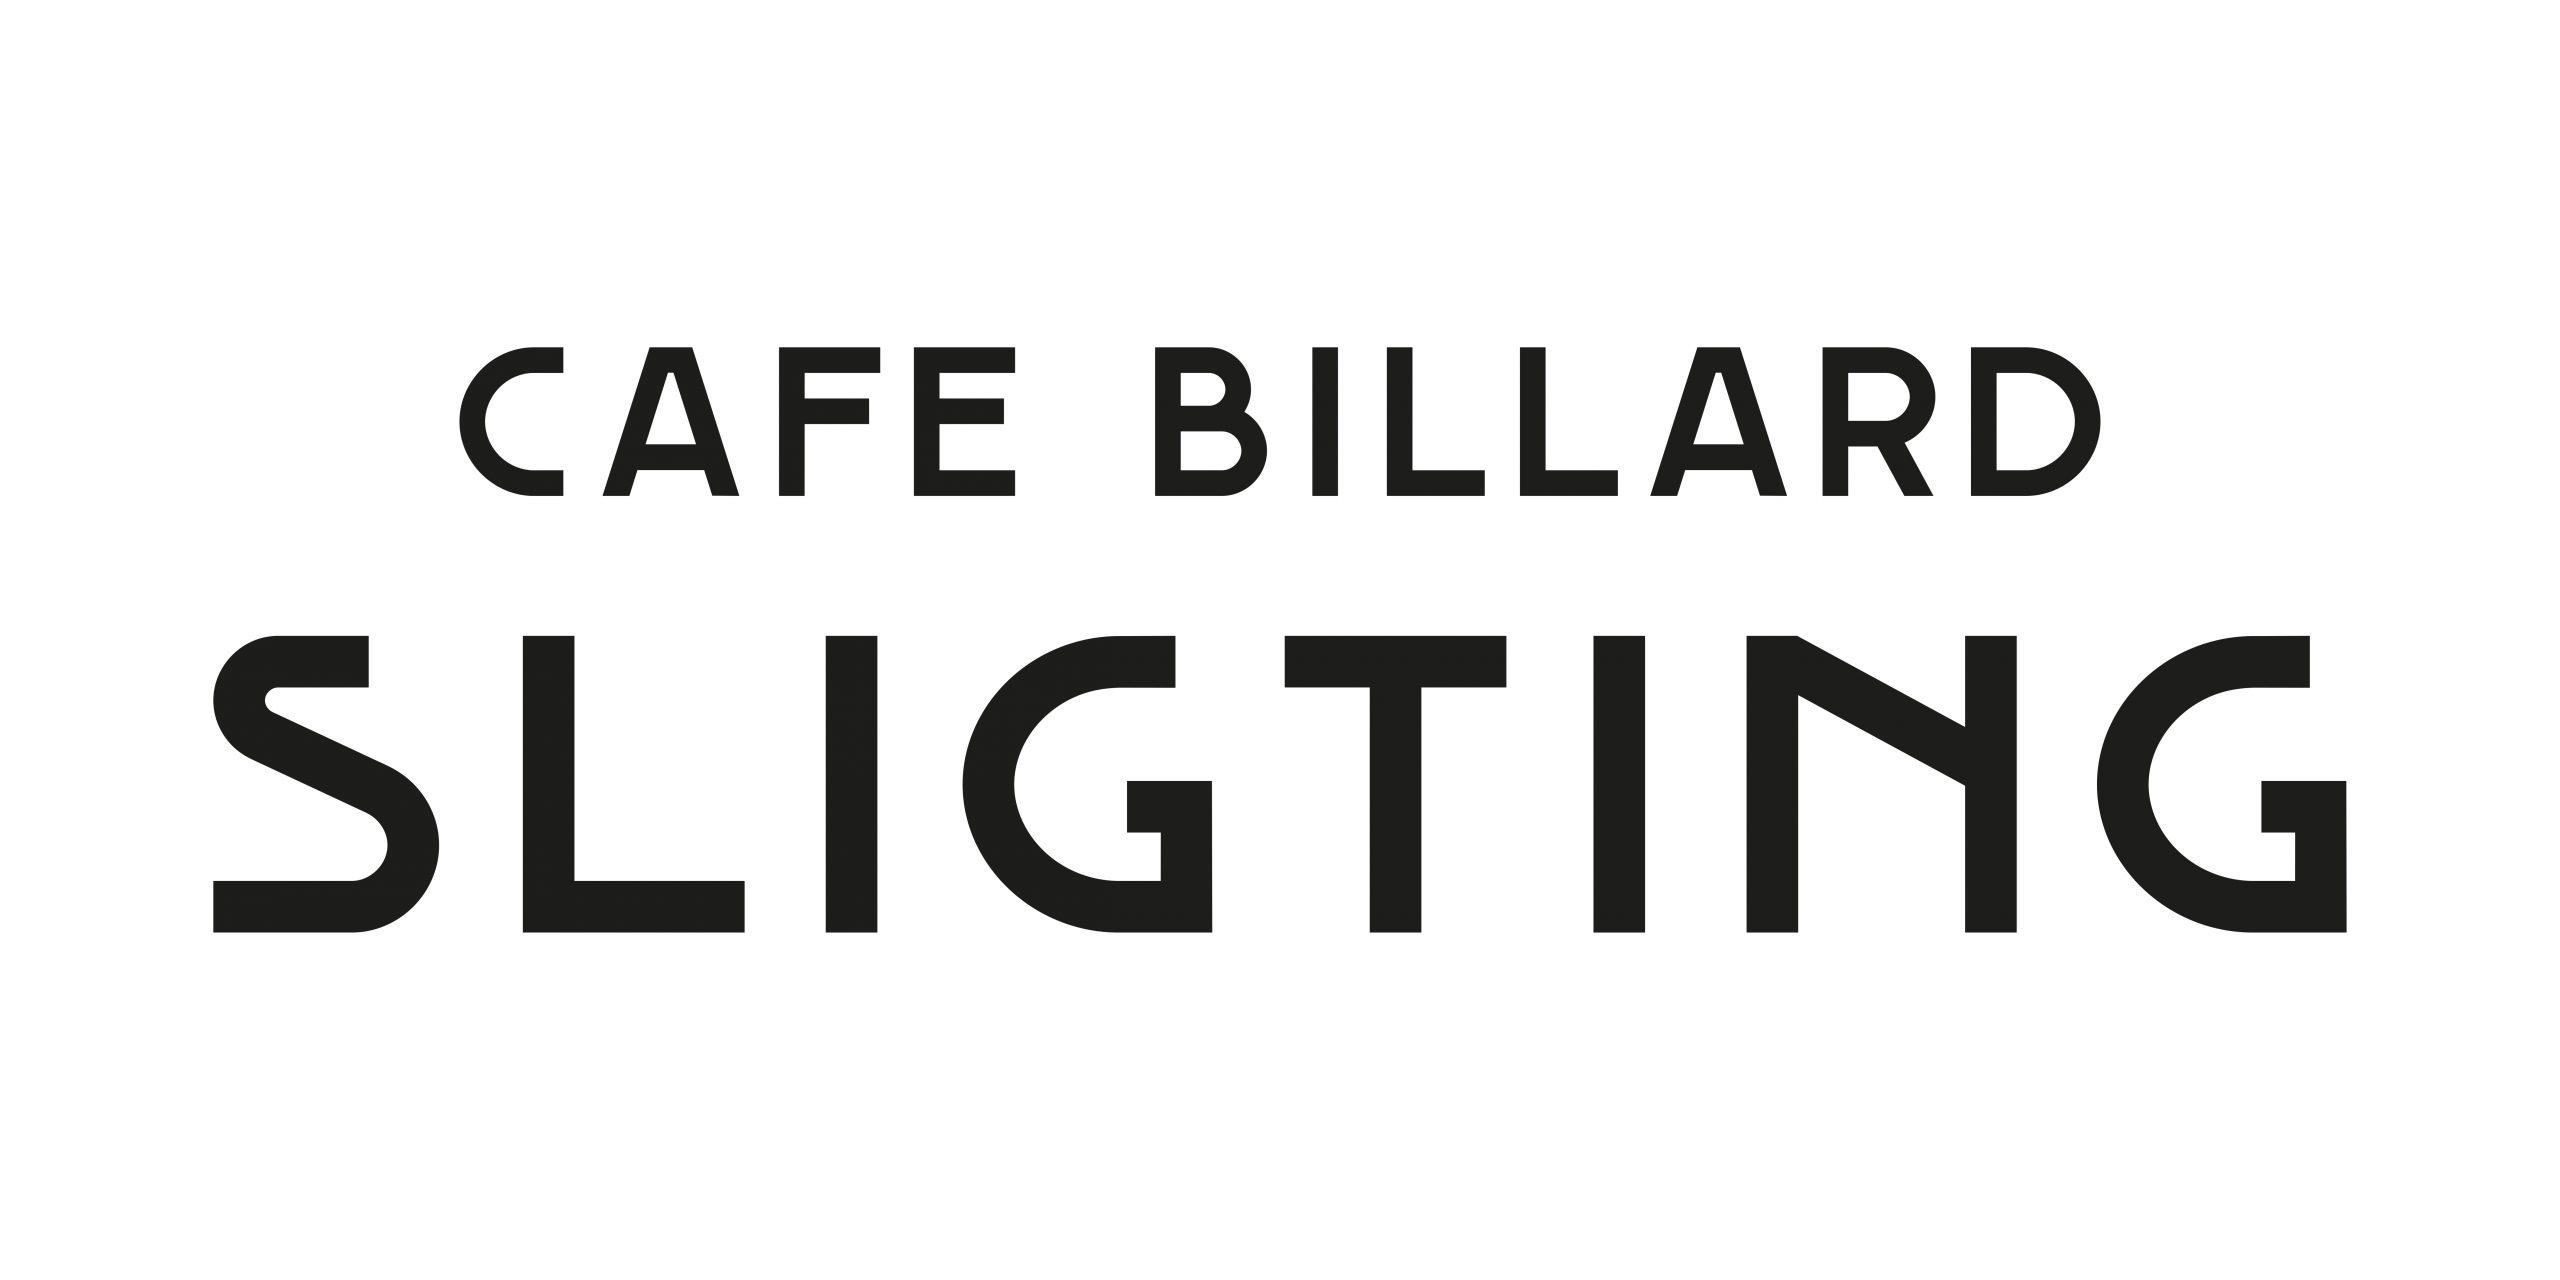 Café Sligting